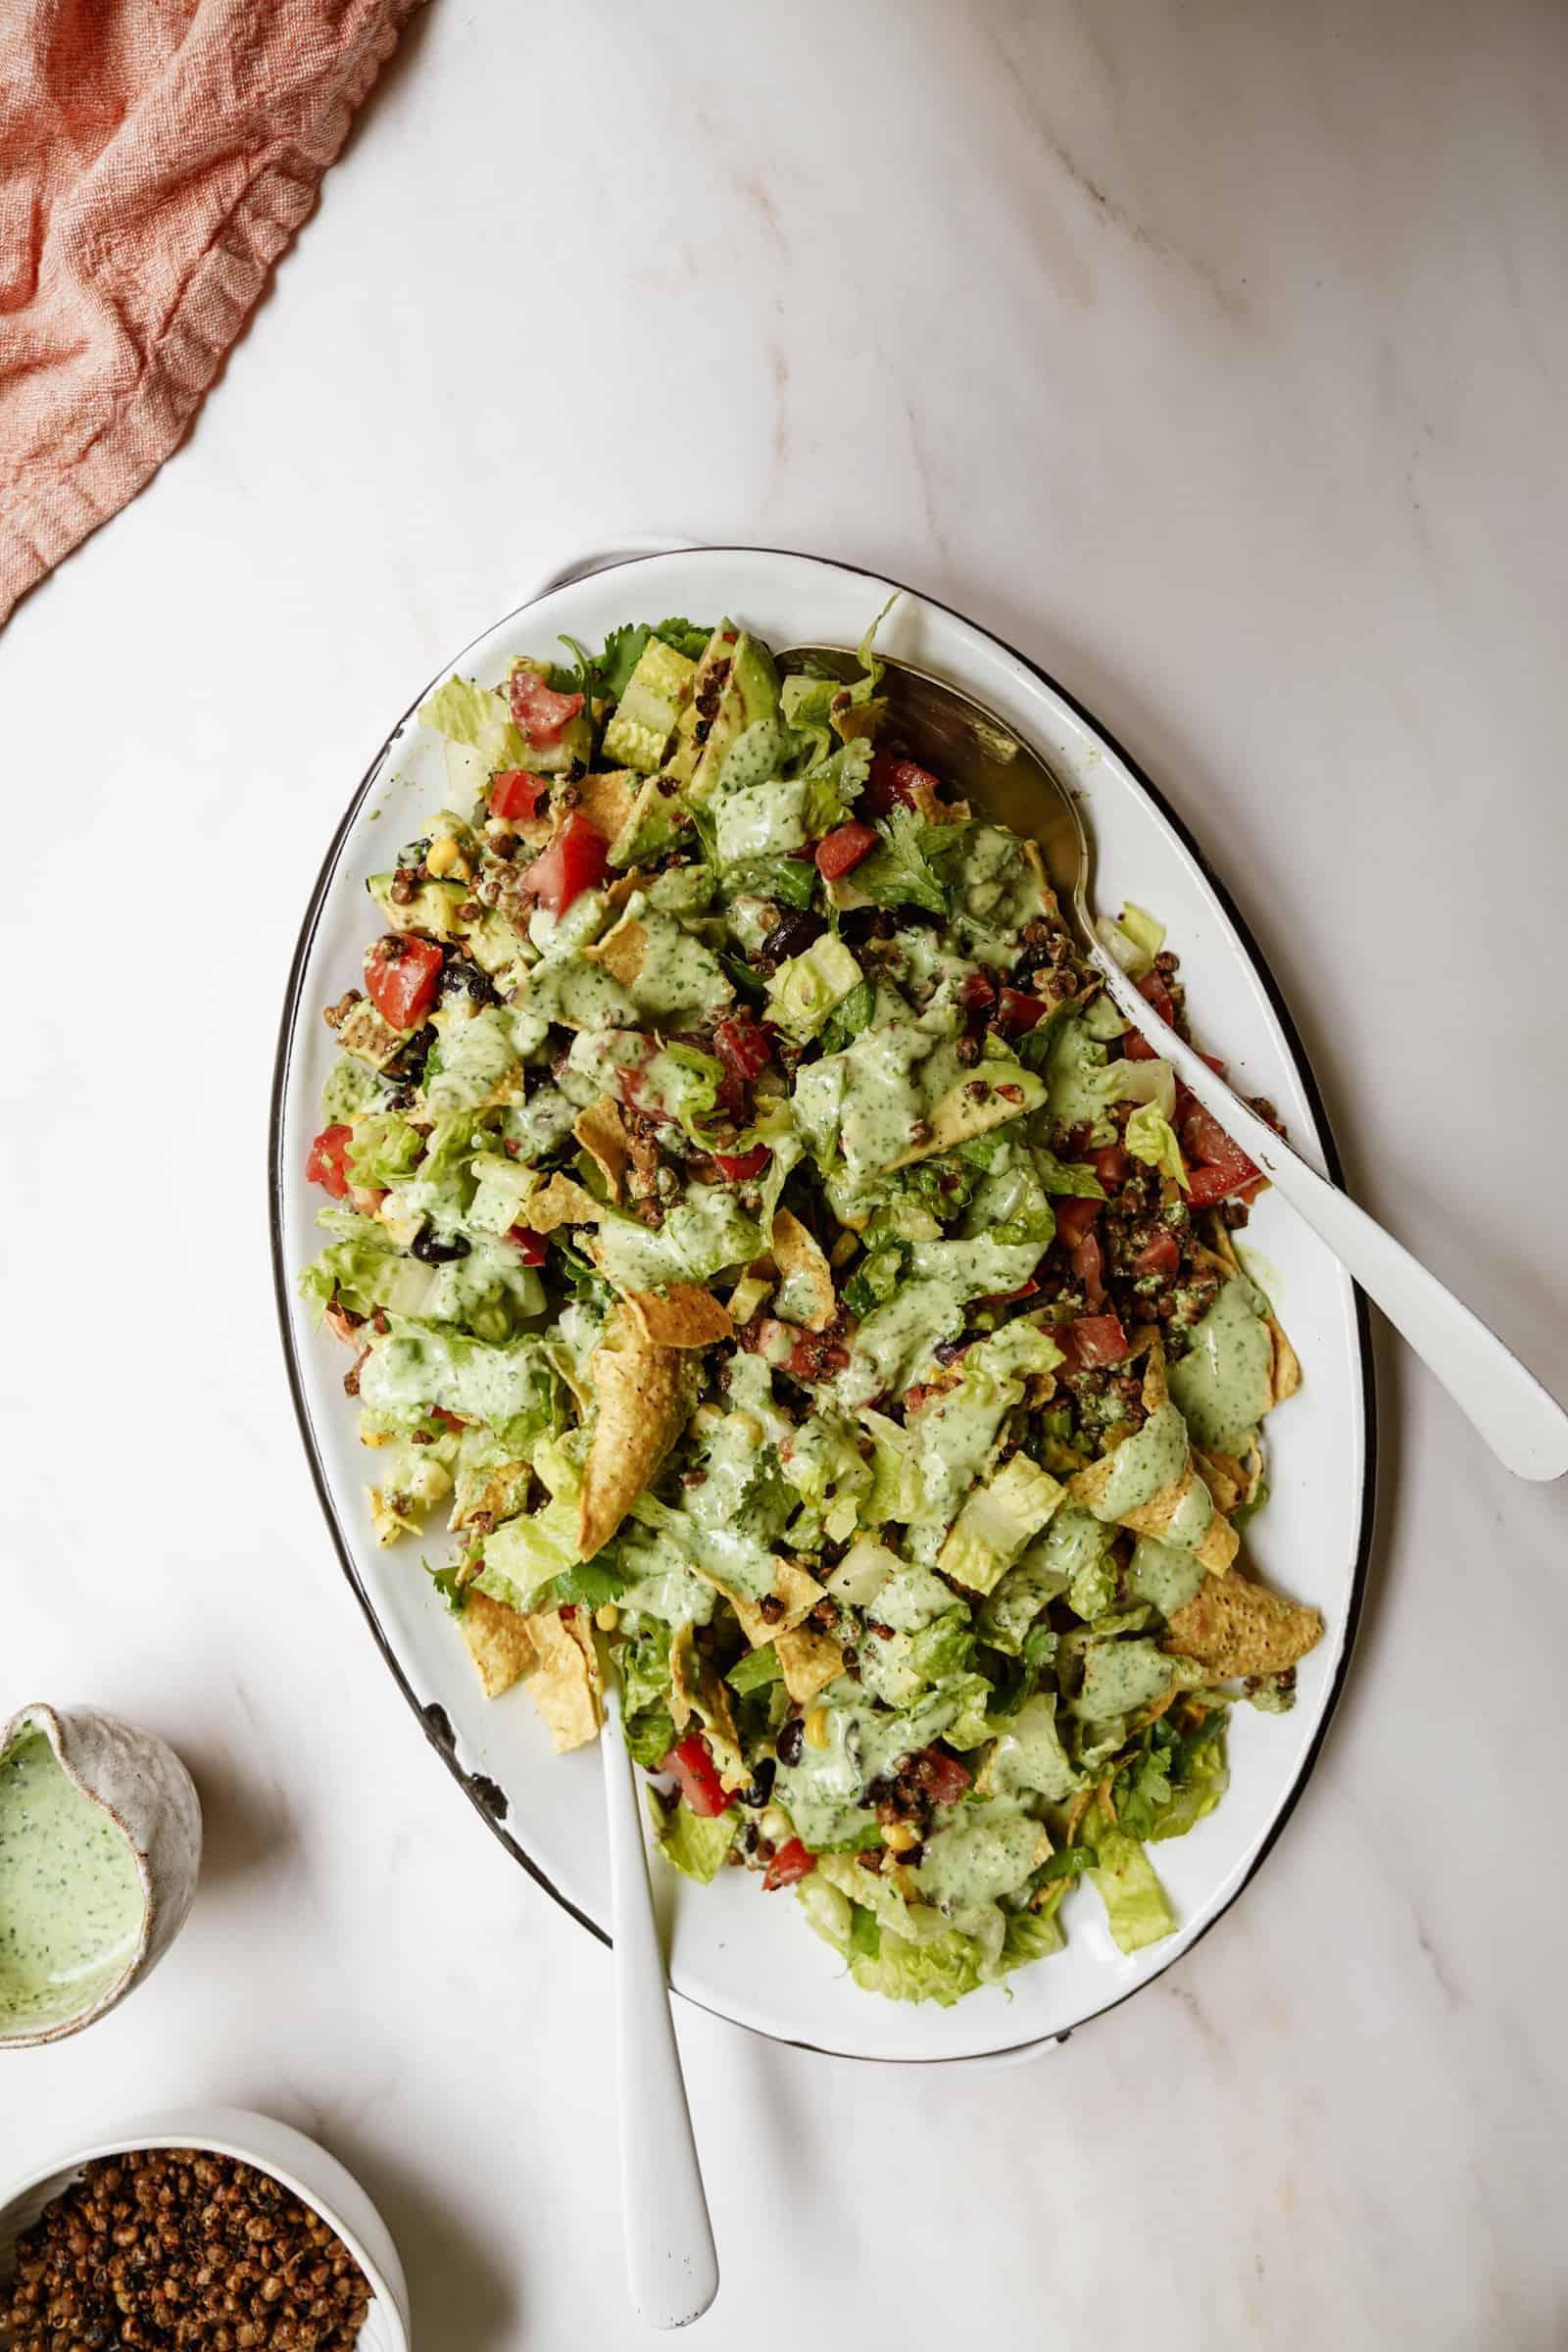 Vegan taco salad in a serving dish